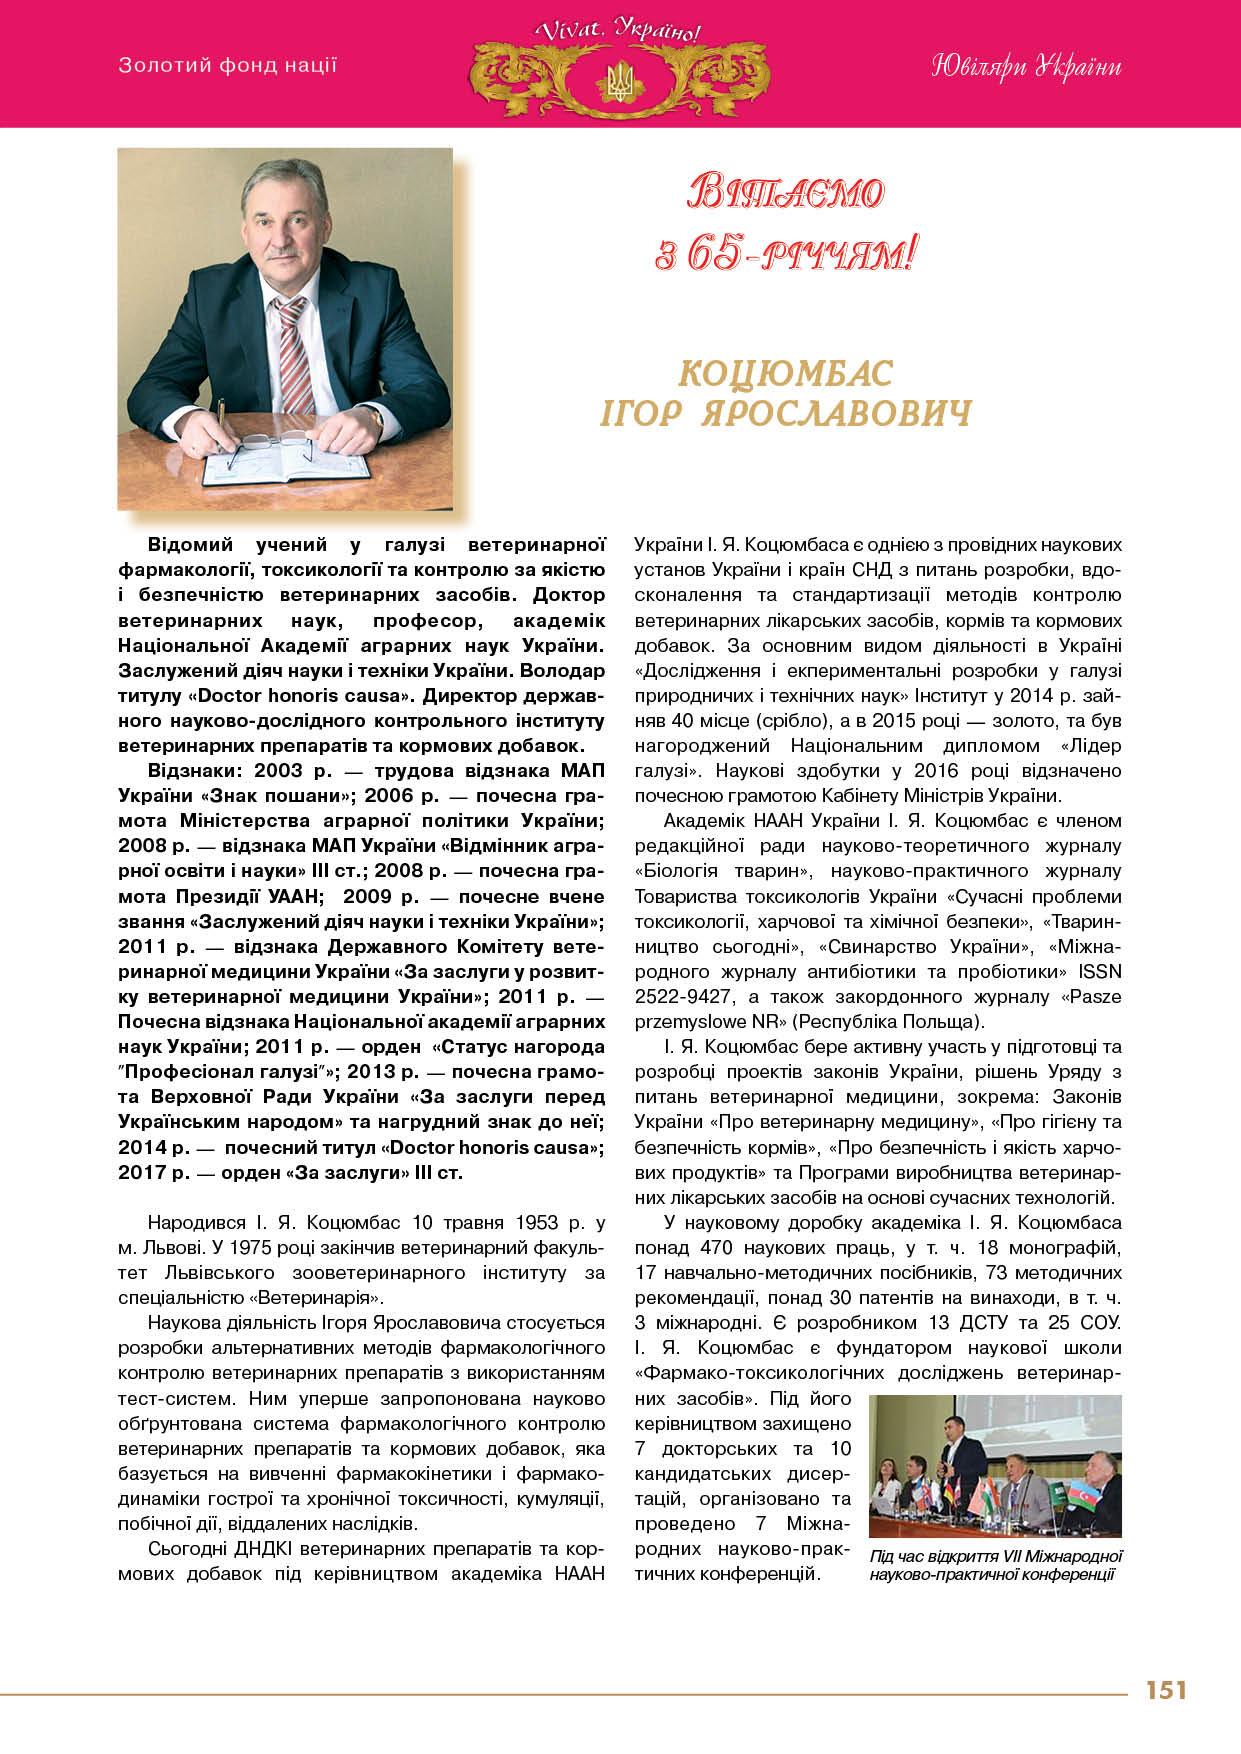 Коцюмбас Ігор Ярославович